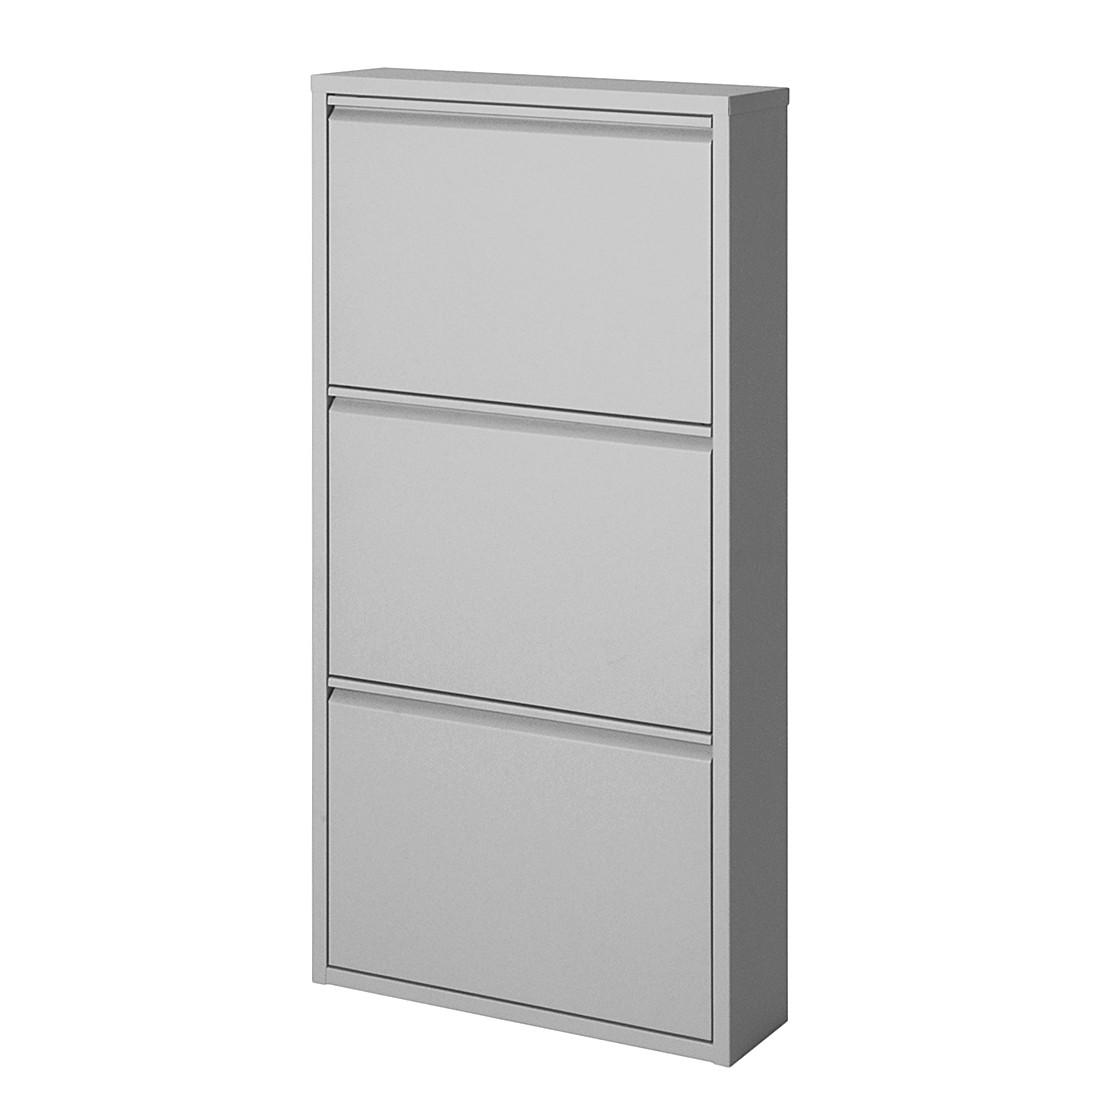 Armoire à chaussures Cabinet - Métal couleur aluminium - 3 abattants, loftscape